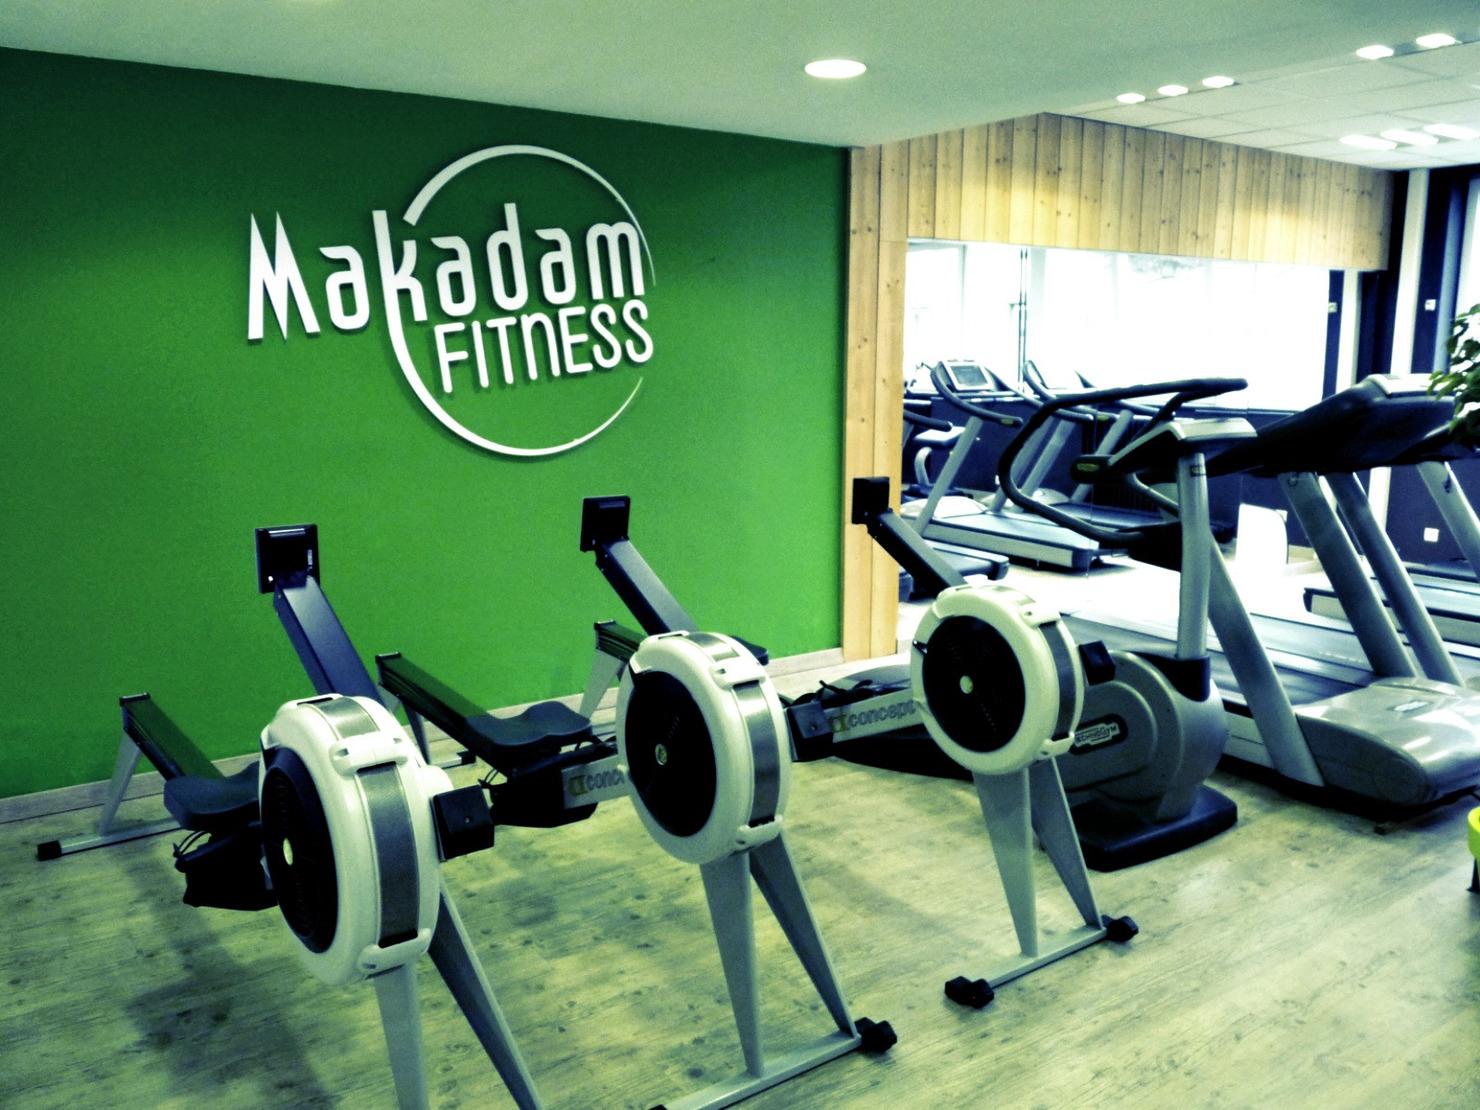 makadam fitness clermont ferrand tarifs avis horaires essai gratuit